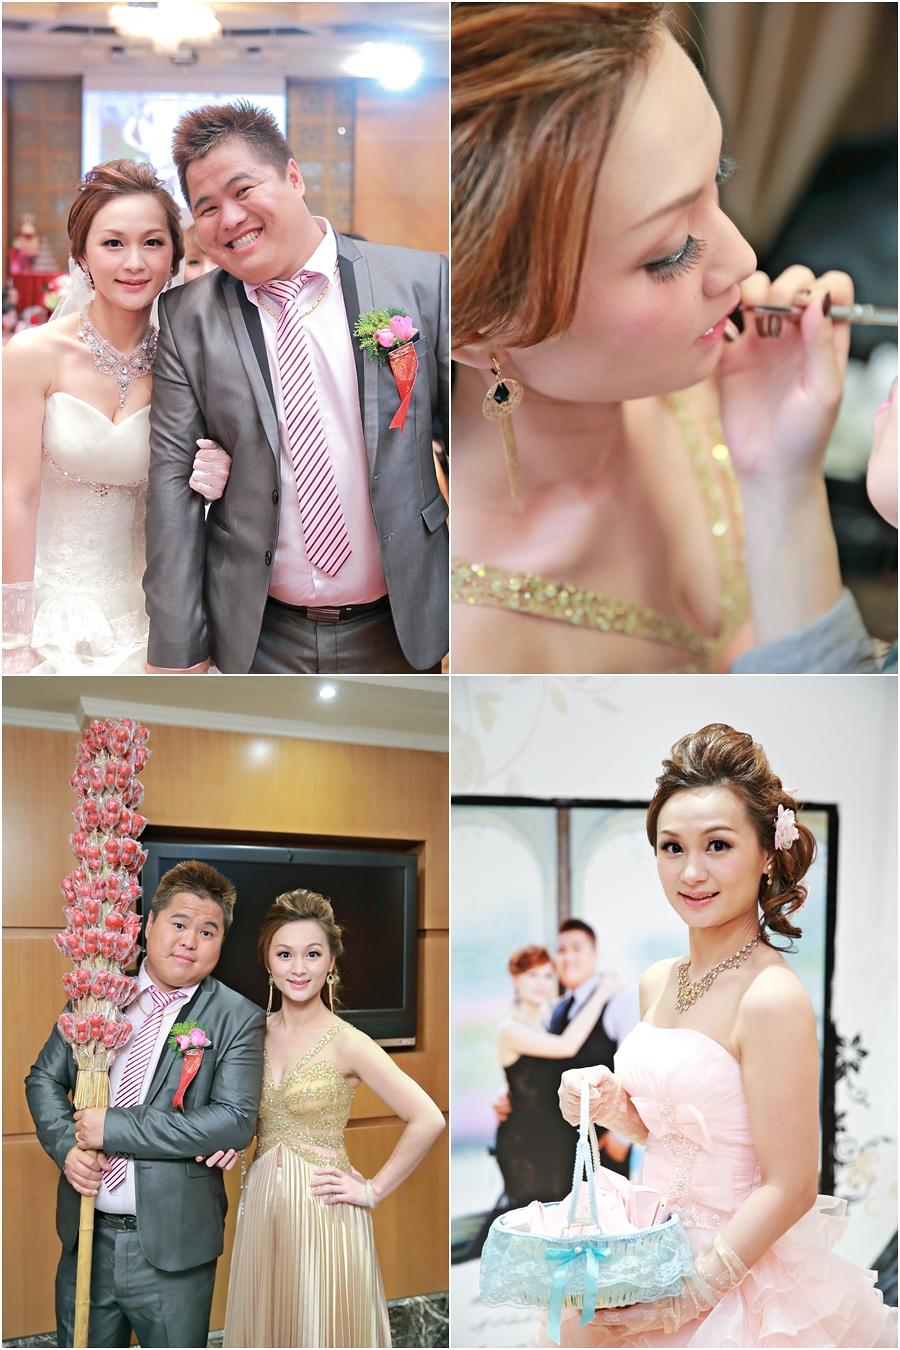 婚攝推薦,婚攝,婚禮記錄,搖滾雙魚,中壢古華花園飯店,婚禮攝影